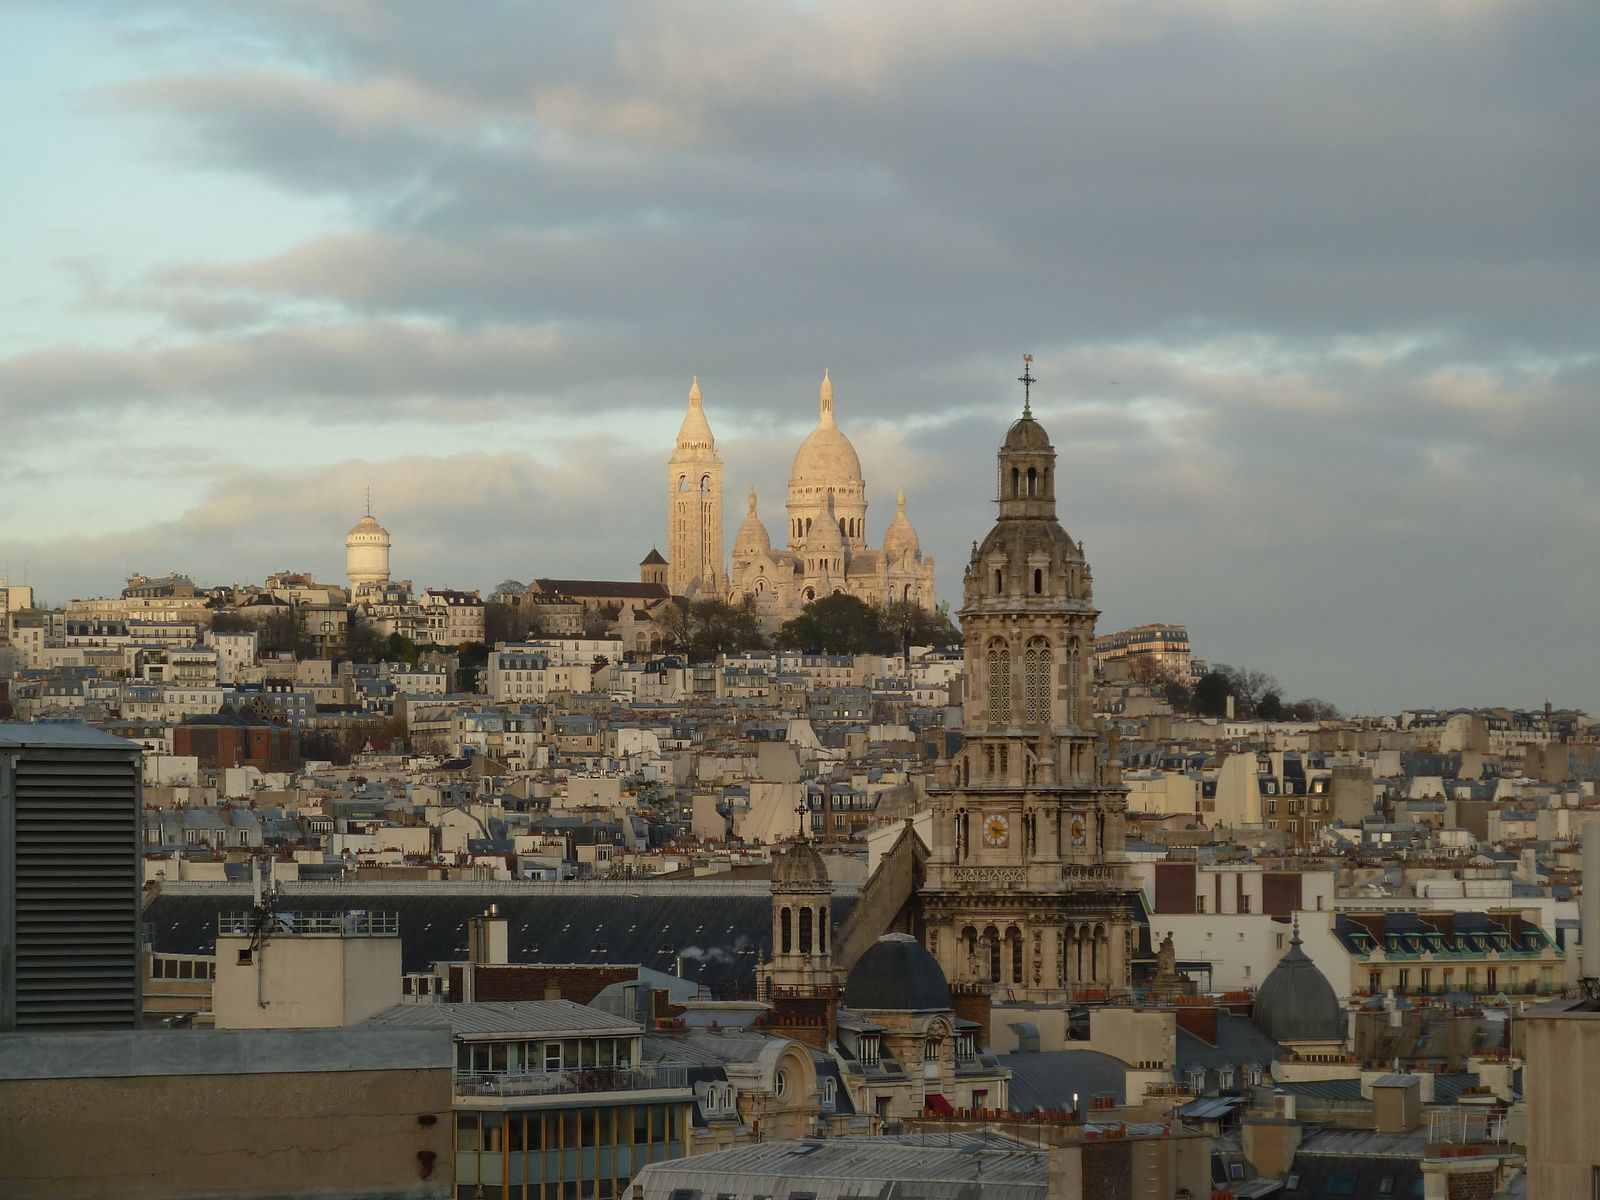 Au premier plan, l'Eglise de la Trinité et la butte Montmartre avec le Sacré Chœur.